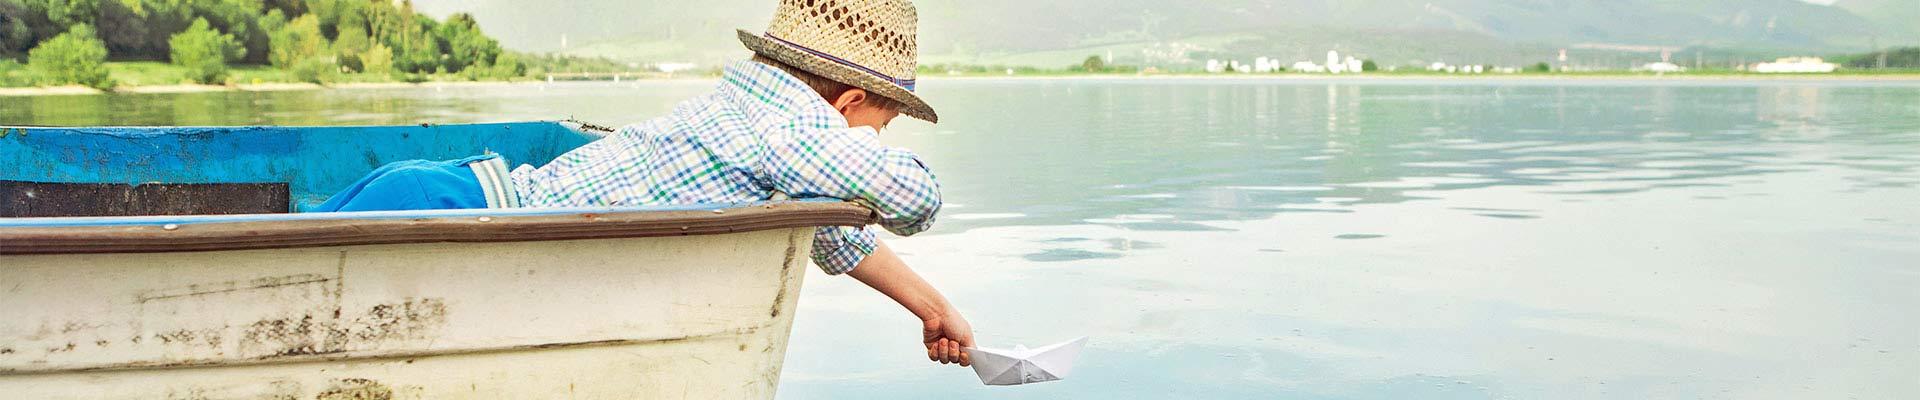 Sei un appassionato del lago? Con Vantaggi Travel le offerte per le vacanza al lago sono tantissime.